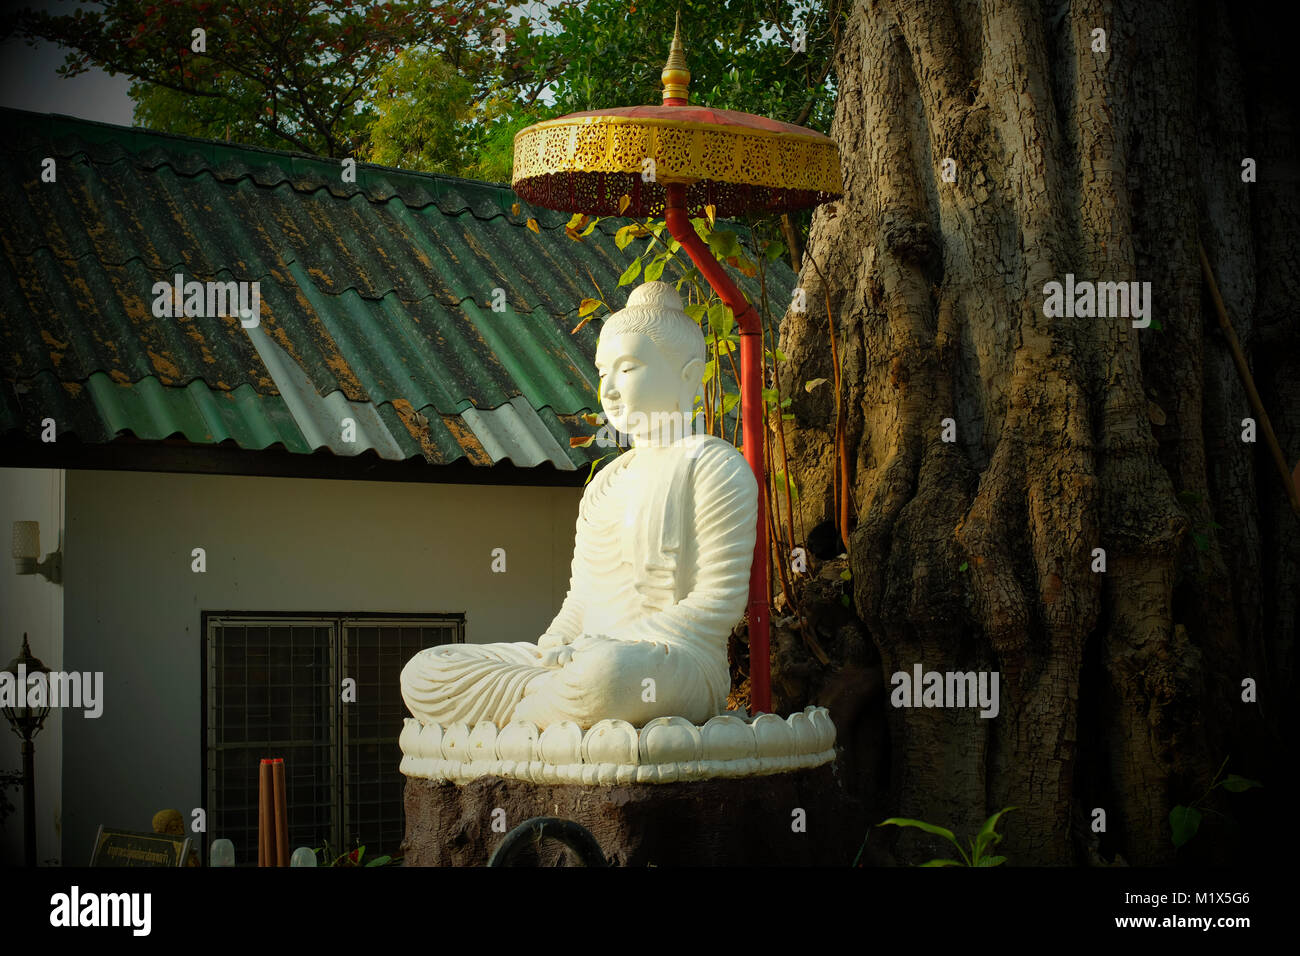 Ein Buddha Statue unter einem großen Baum in einem Tempel in Chiang Mai, Thailand. Stockbild